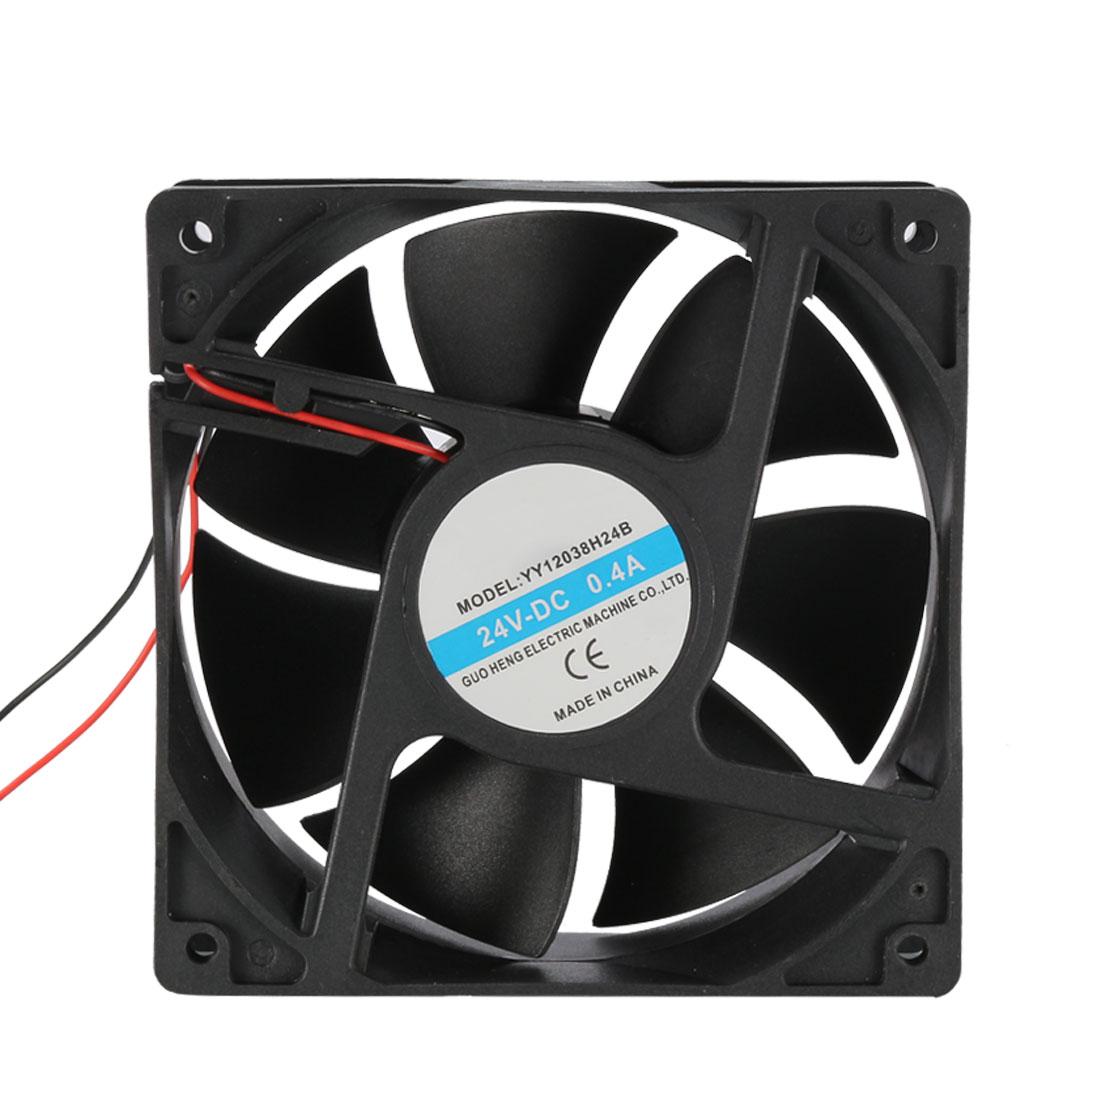 120mm x 120mm x 38mm 24V DC Cooling Fan Long Life Dual Ball Bearing PC Case Fan